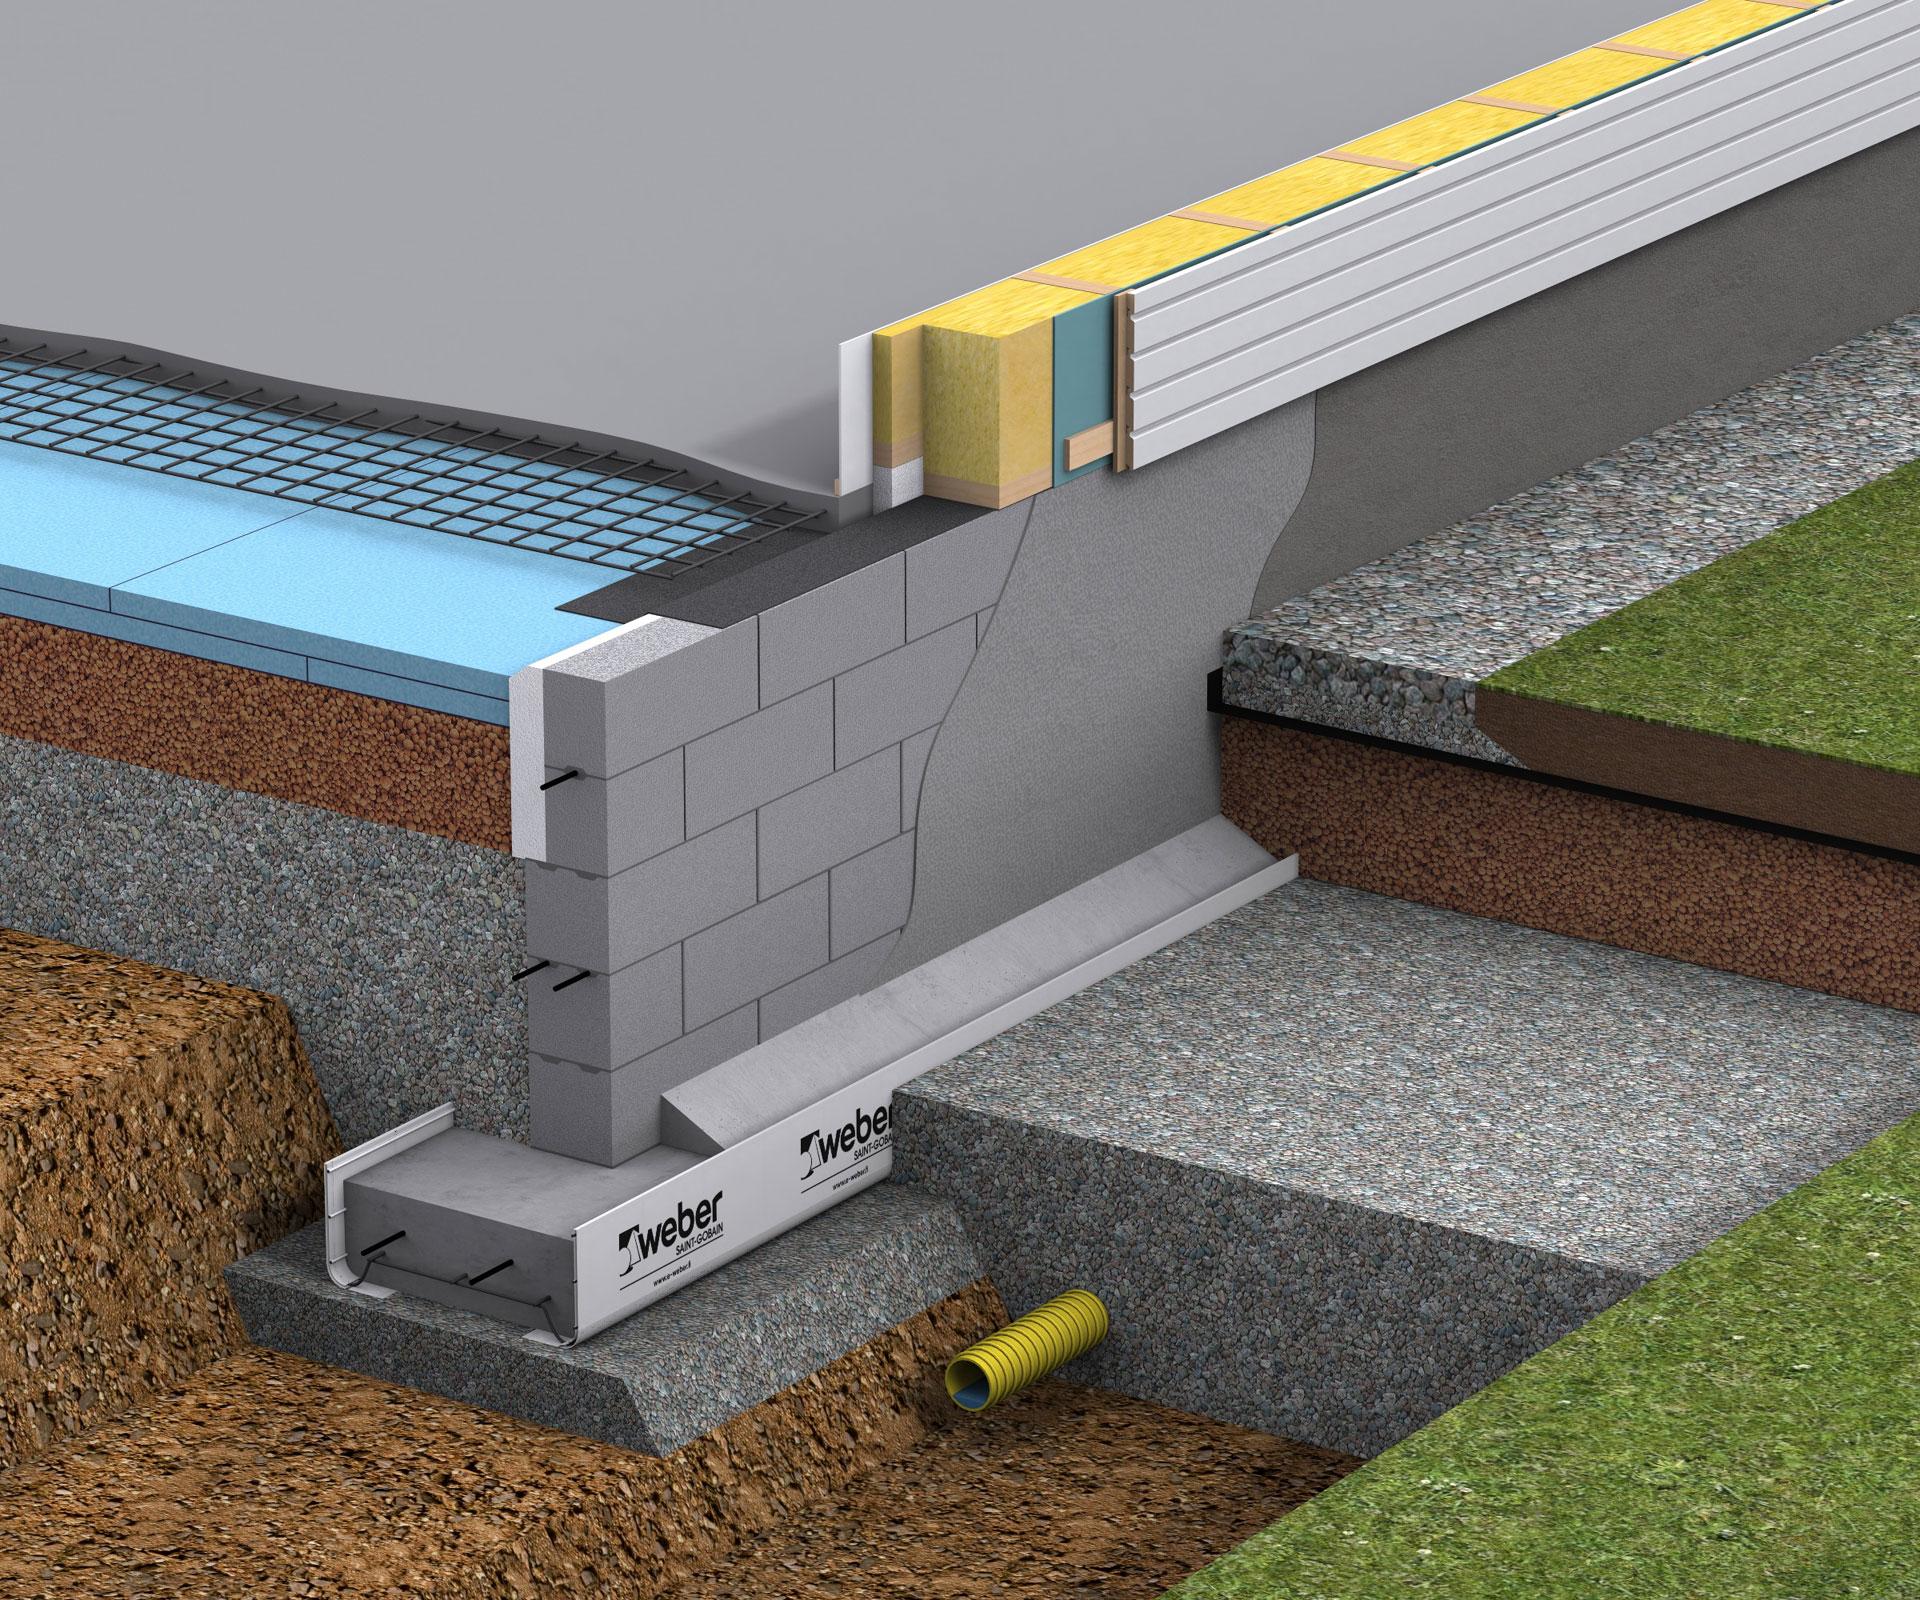 Leca-harkkoperustus RUH-200 maanvaraisella alapohjalla ja puurungolla